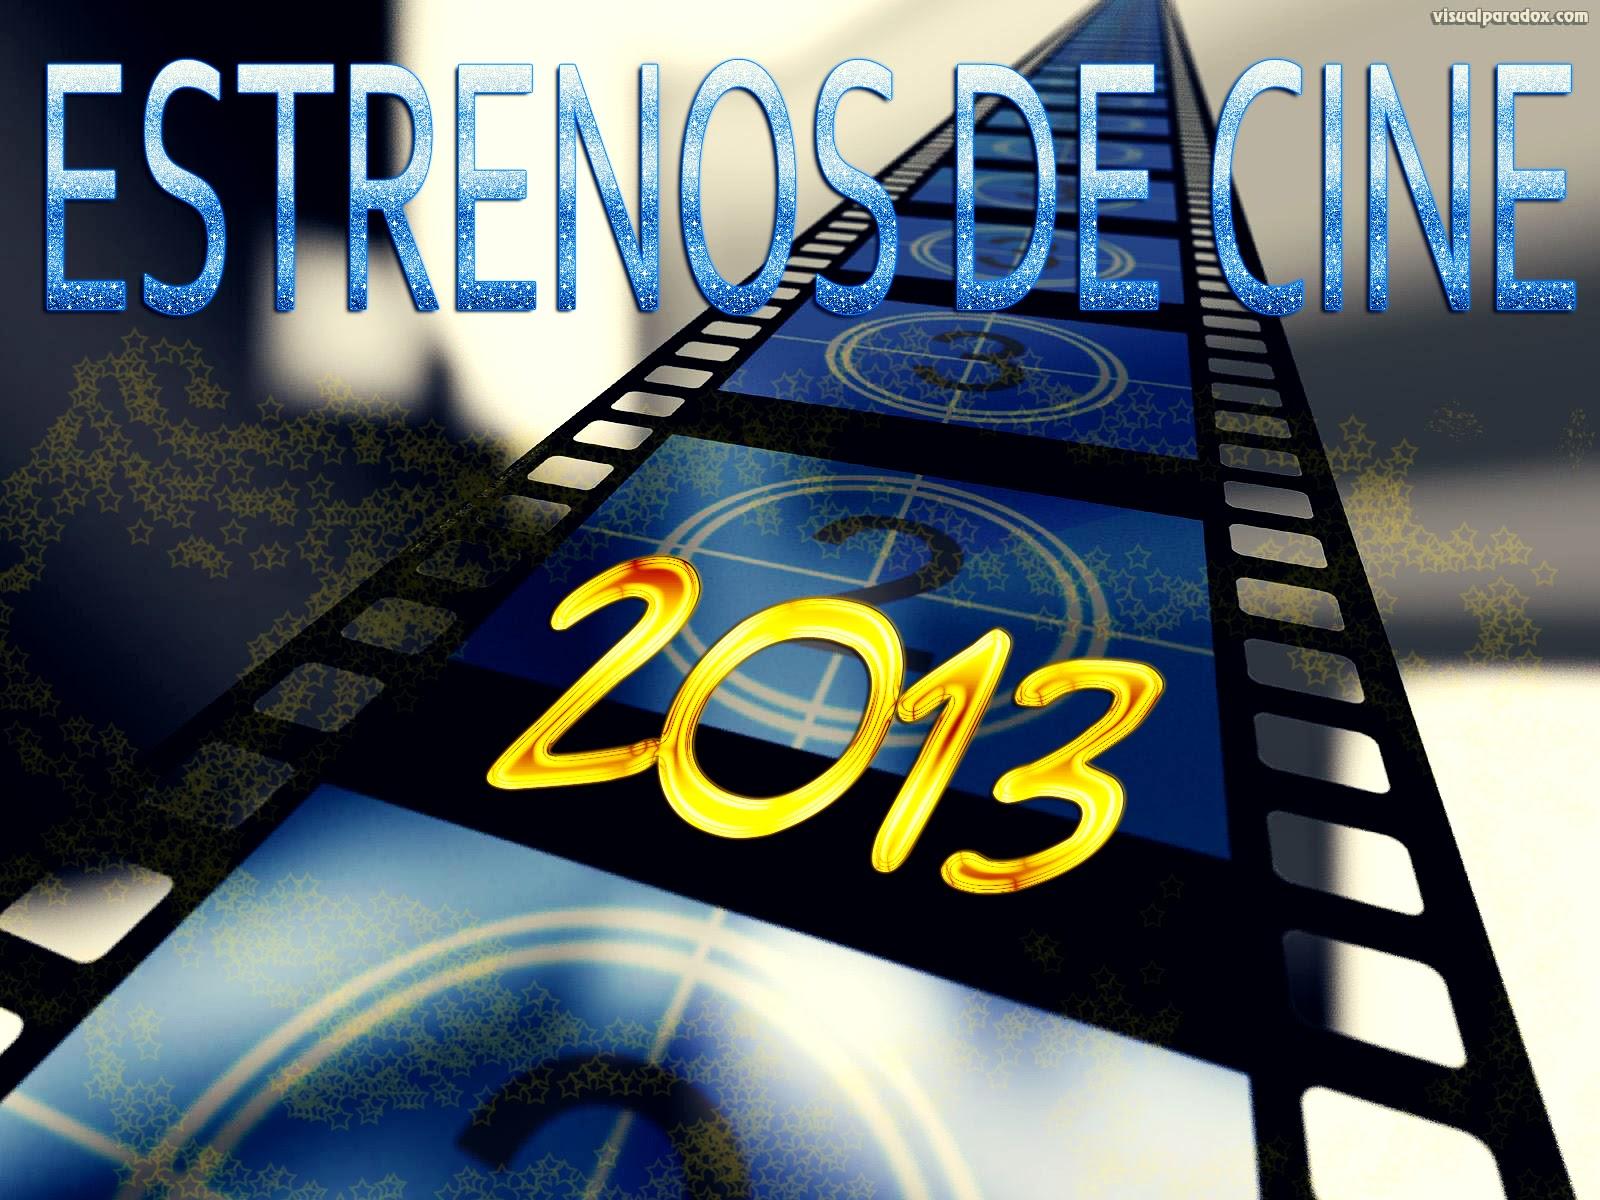 estrenos cine viernes 29: